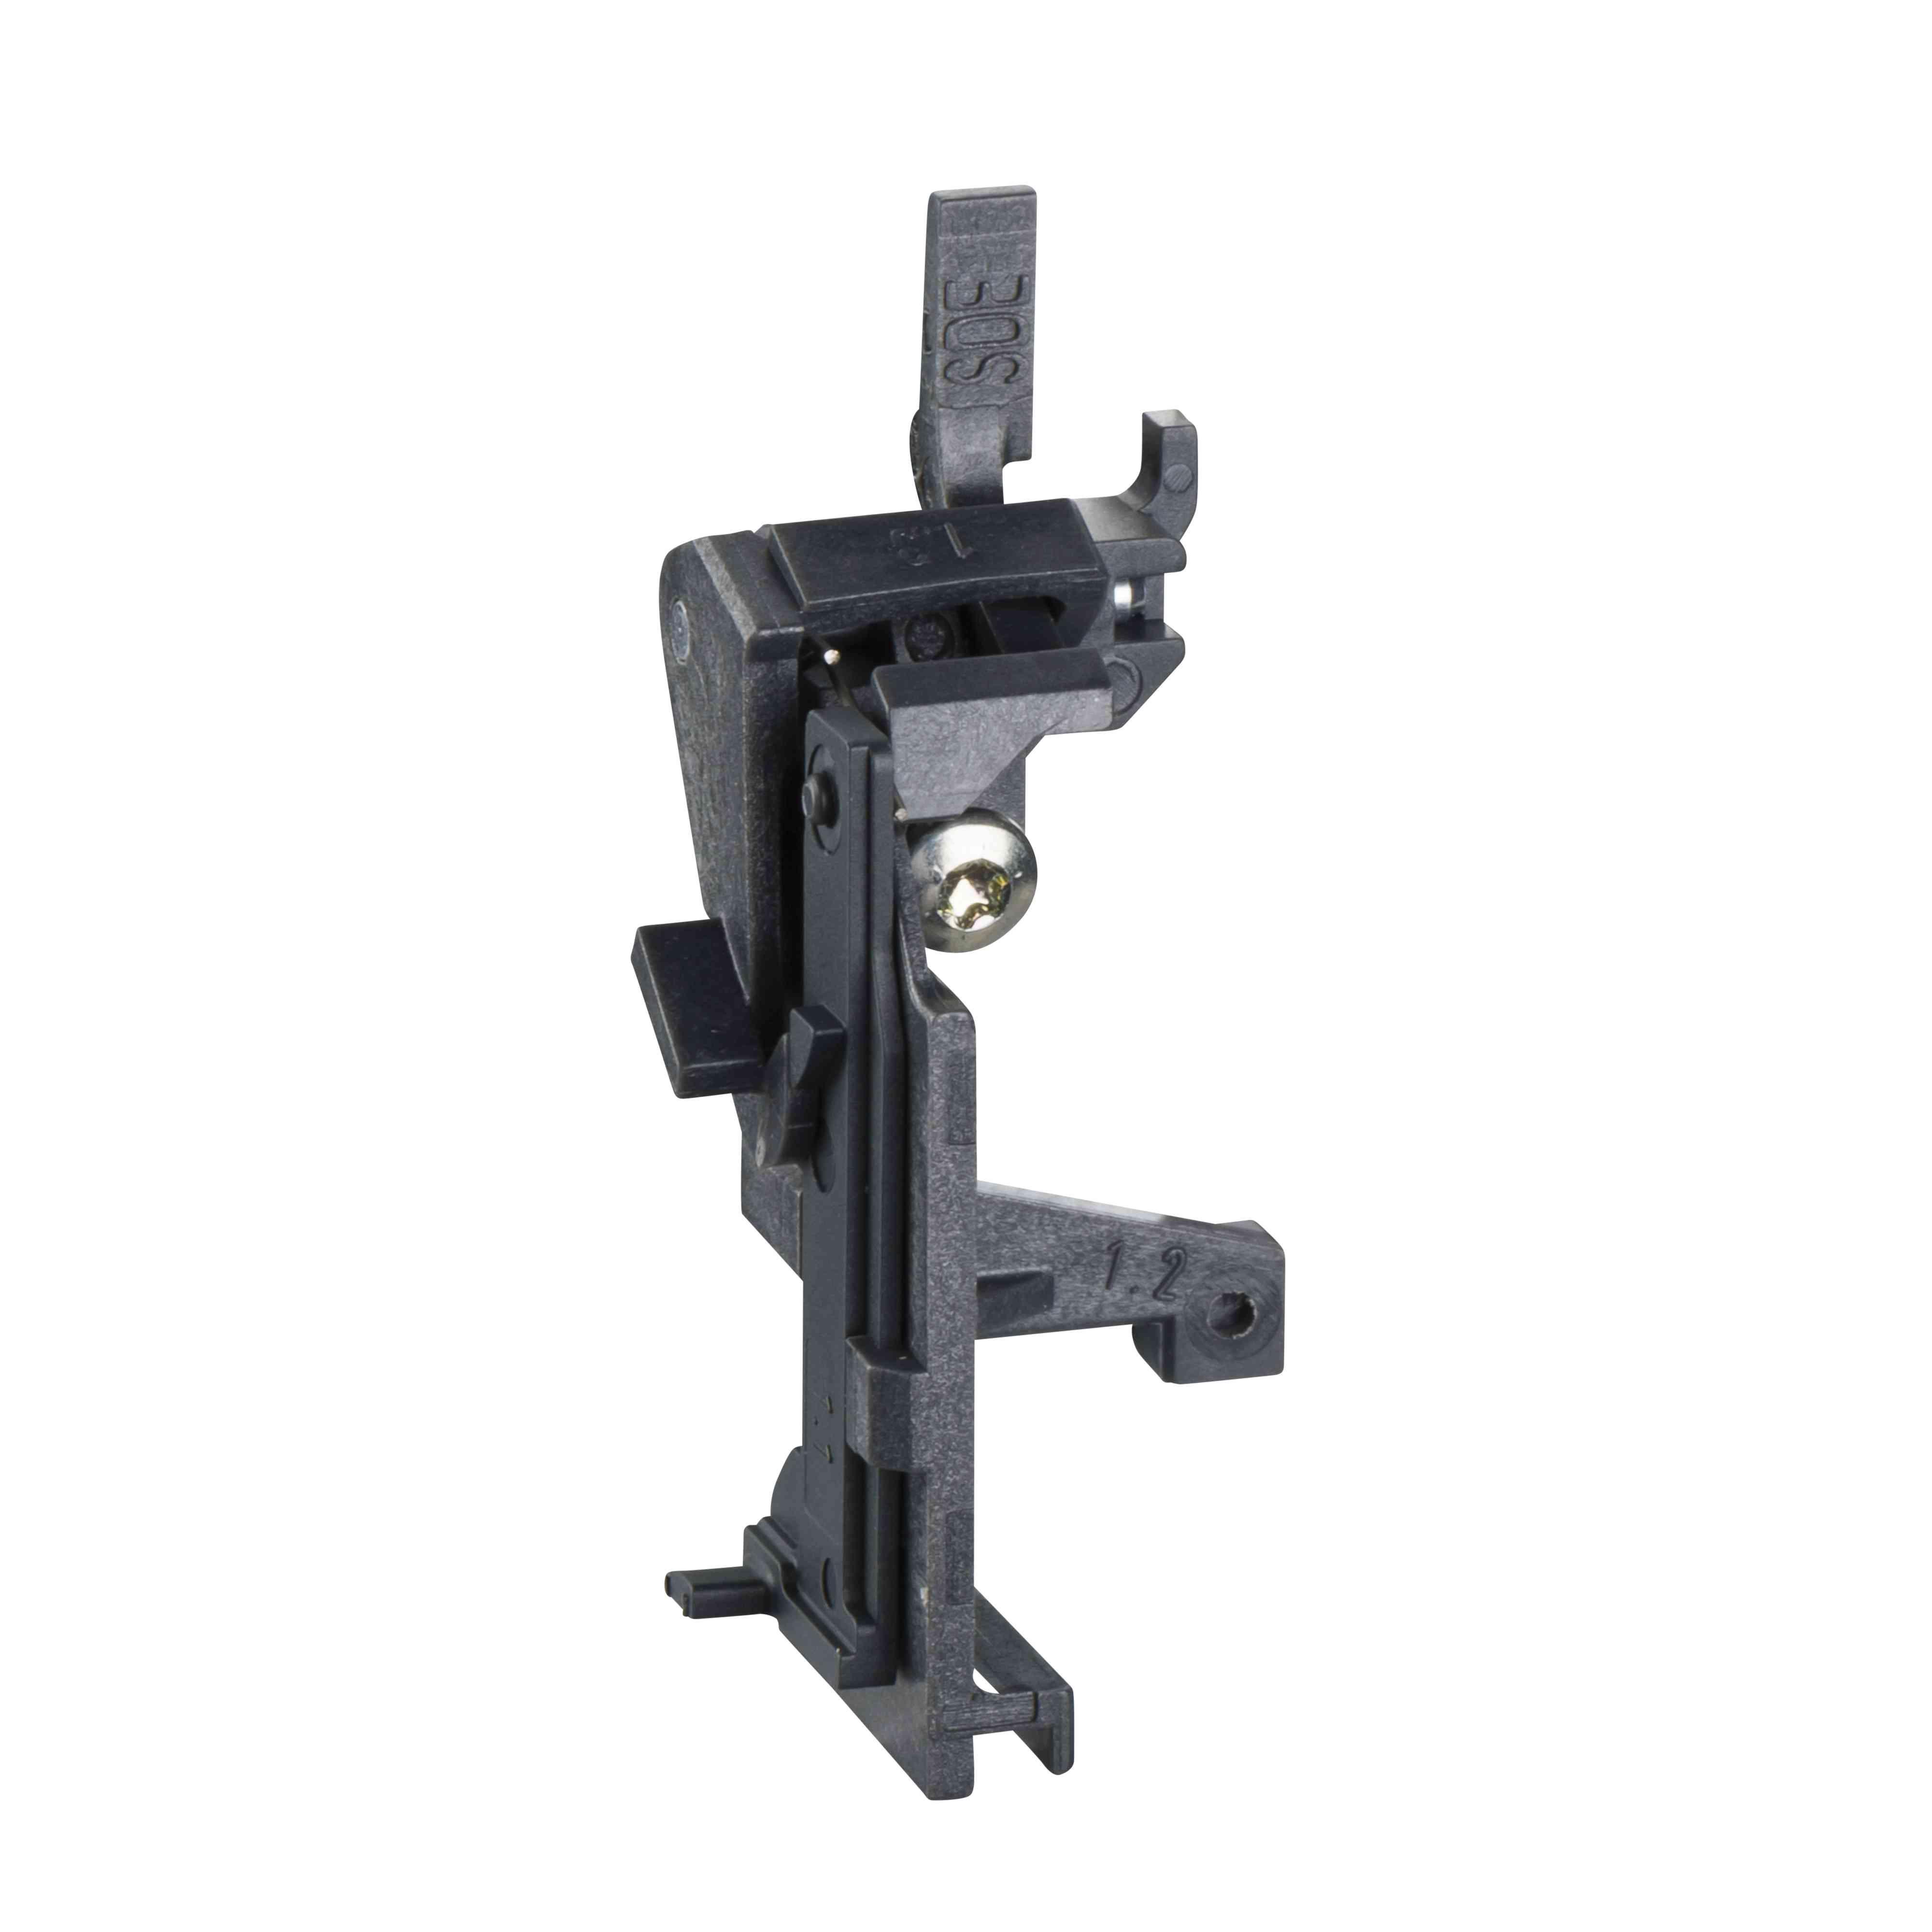 Dodatek sprožnika - adapter SDE - za NSX 100 do 250